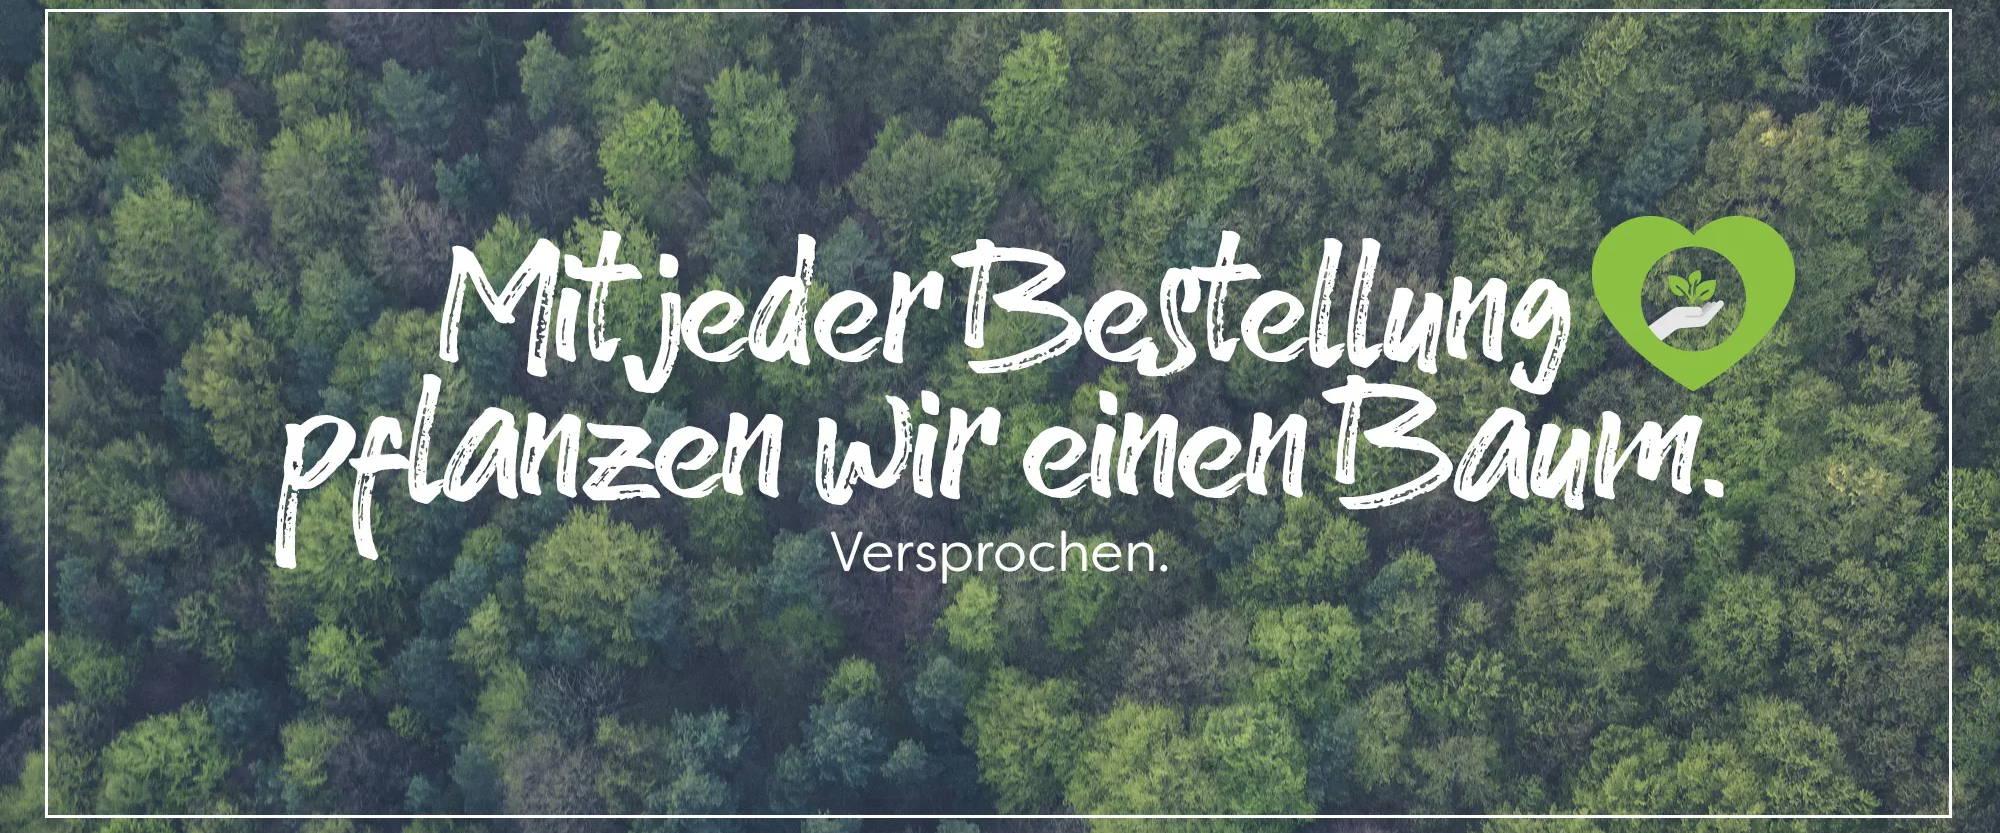 Nachhaltigkeit schreiben wir groß. Wir pflanzen für jede Bestellung einen Baum. CO2 Ausgleich